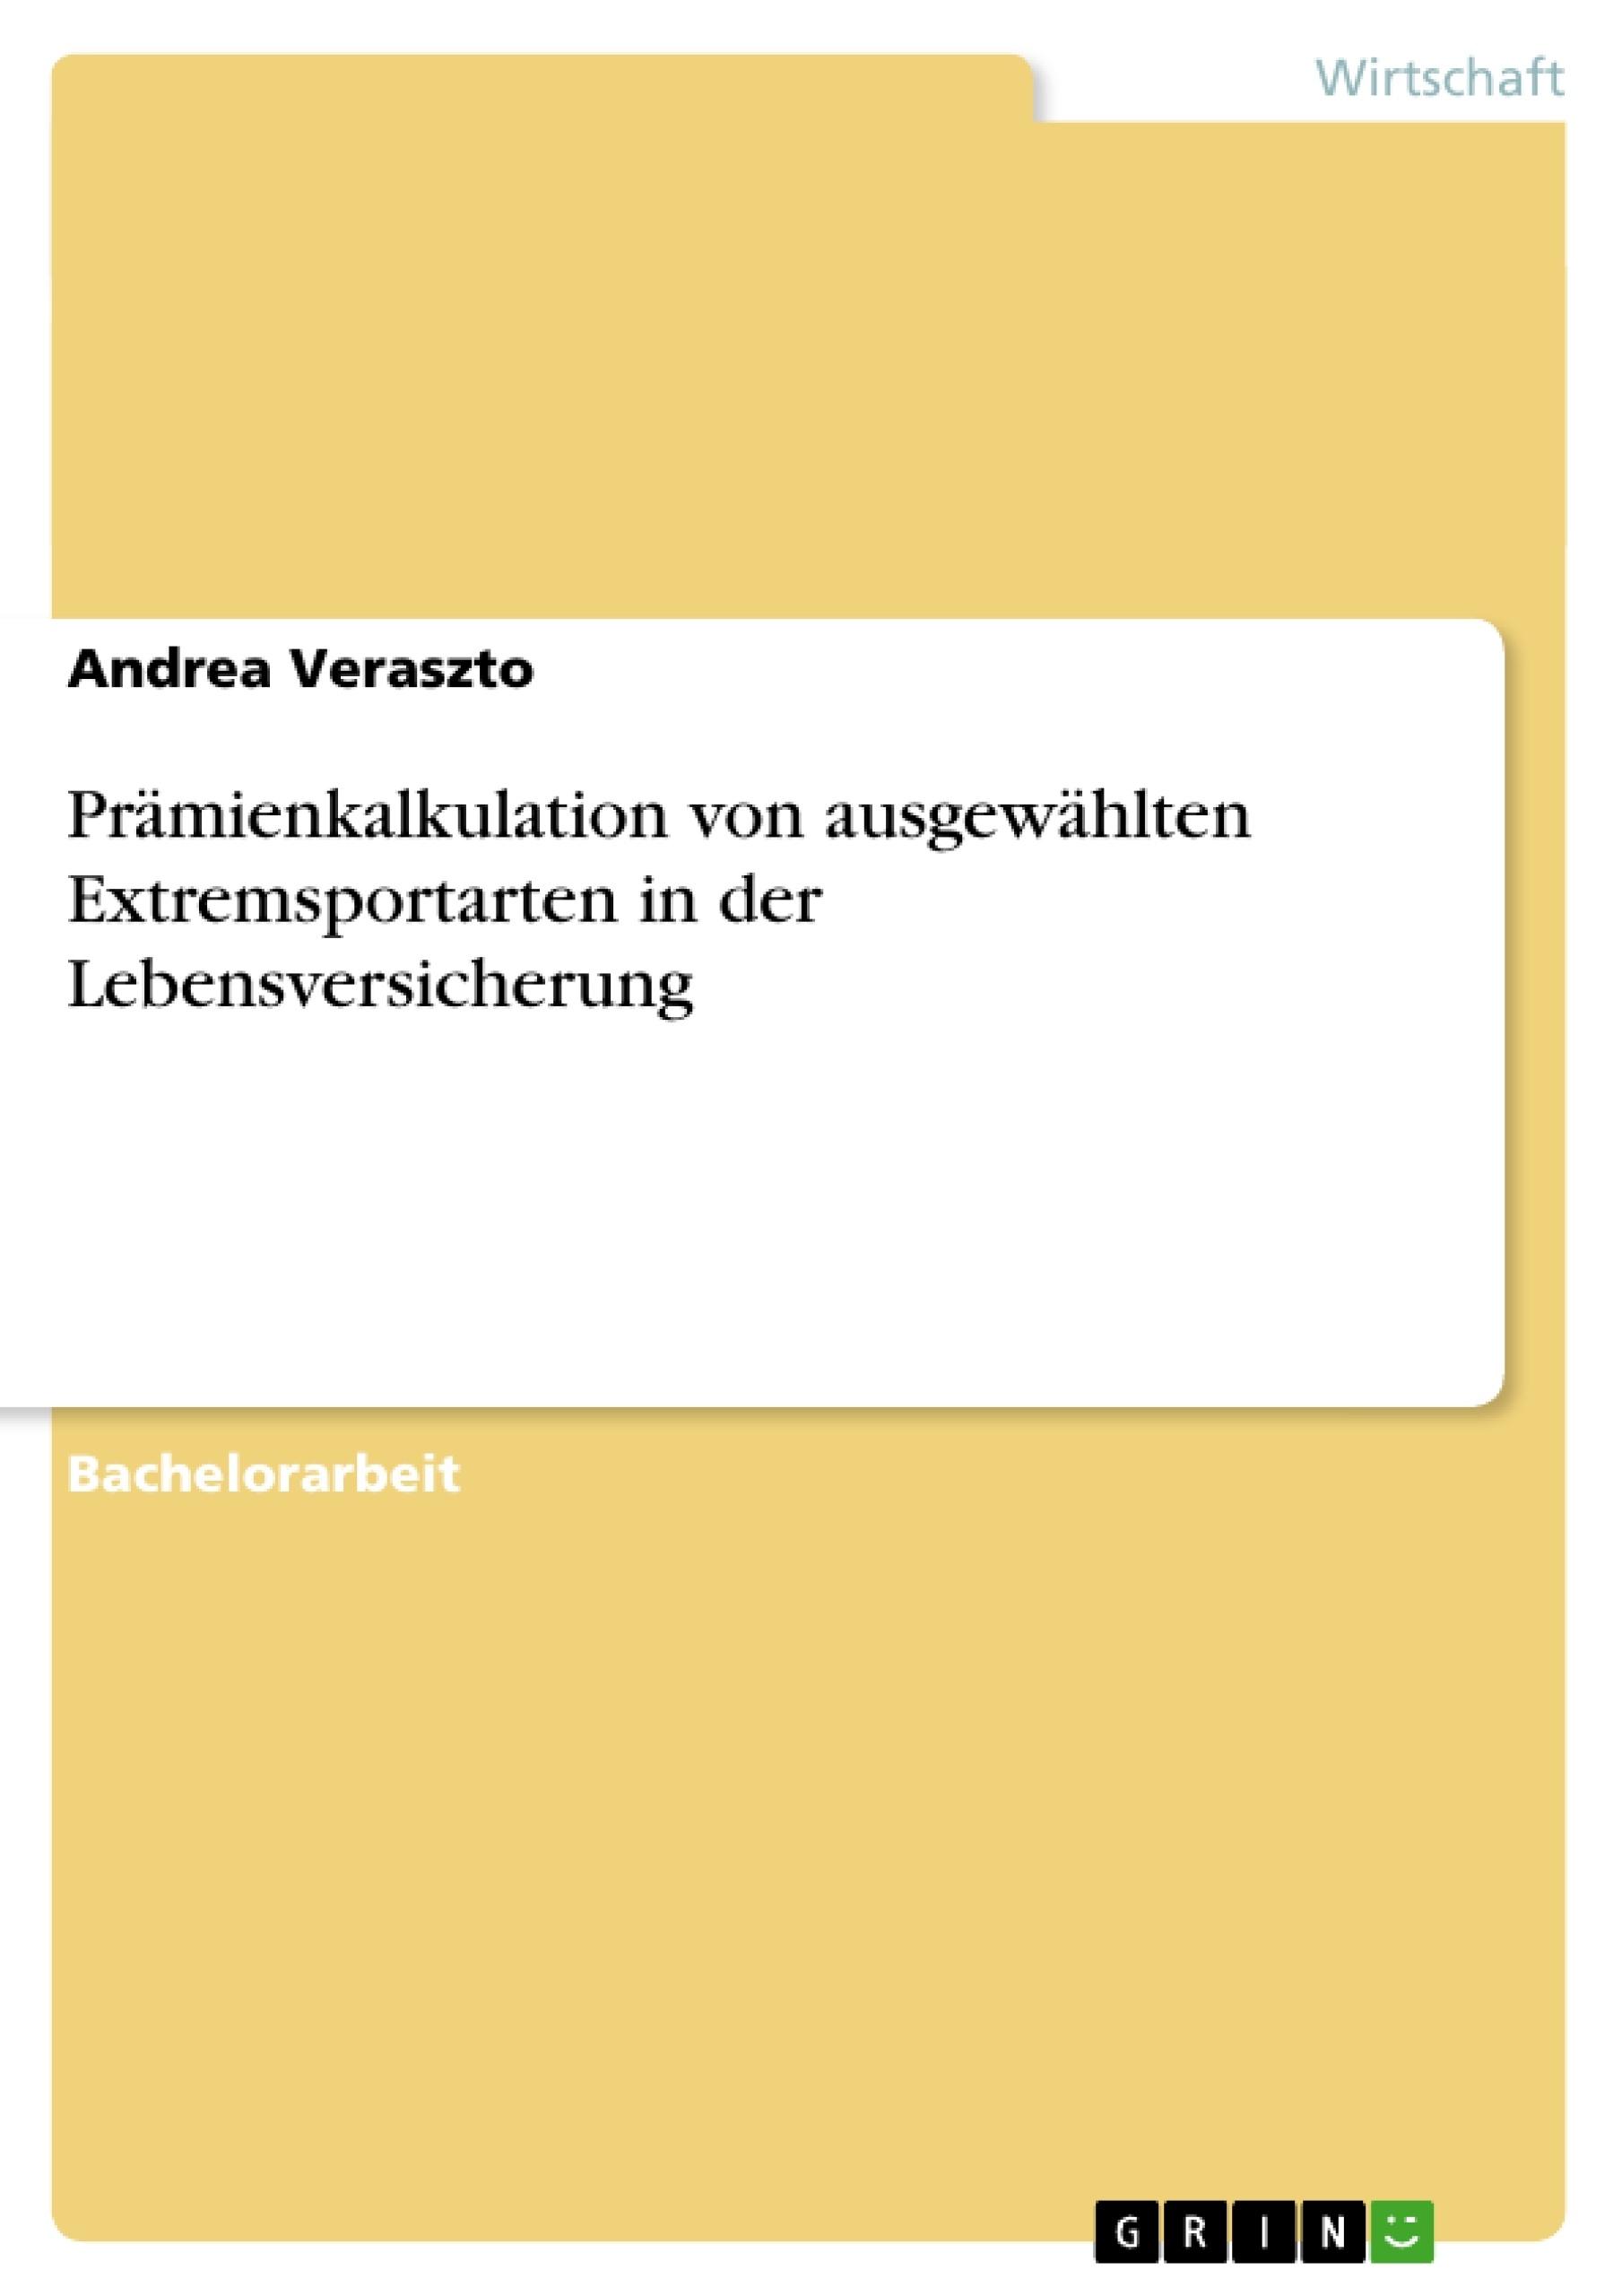 Titel: Prämienkalkulation von ausgewählten Extremsportarten in der Lebensversicherung